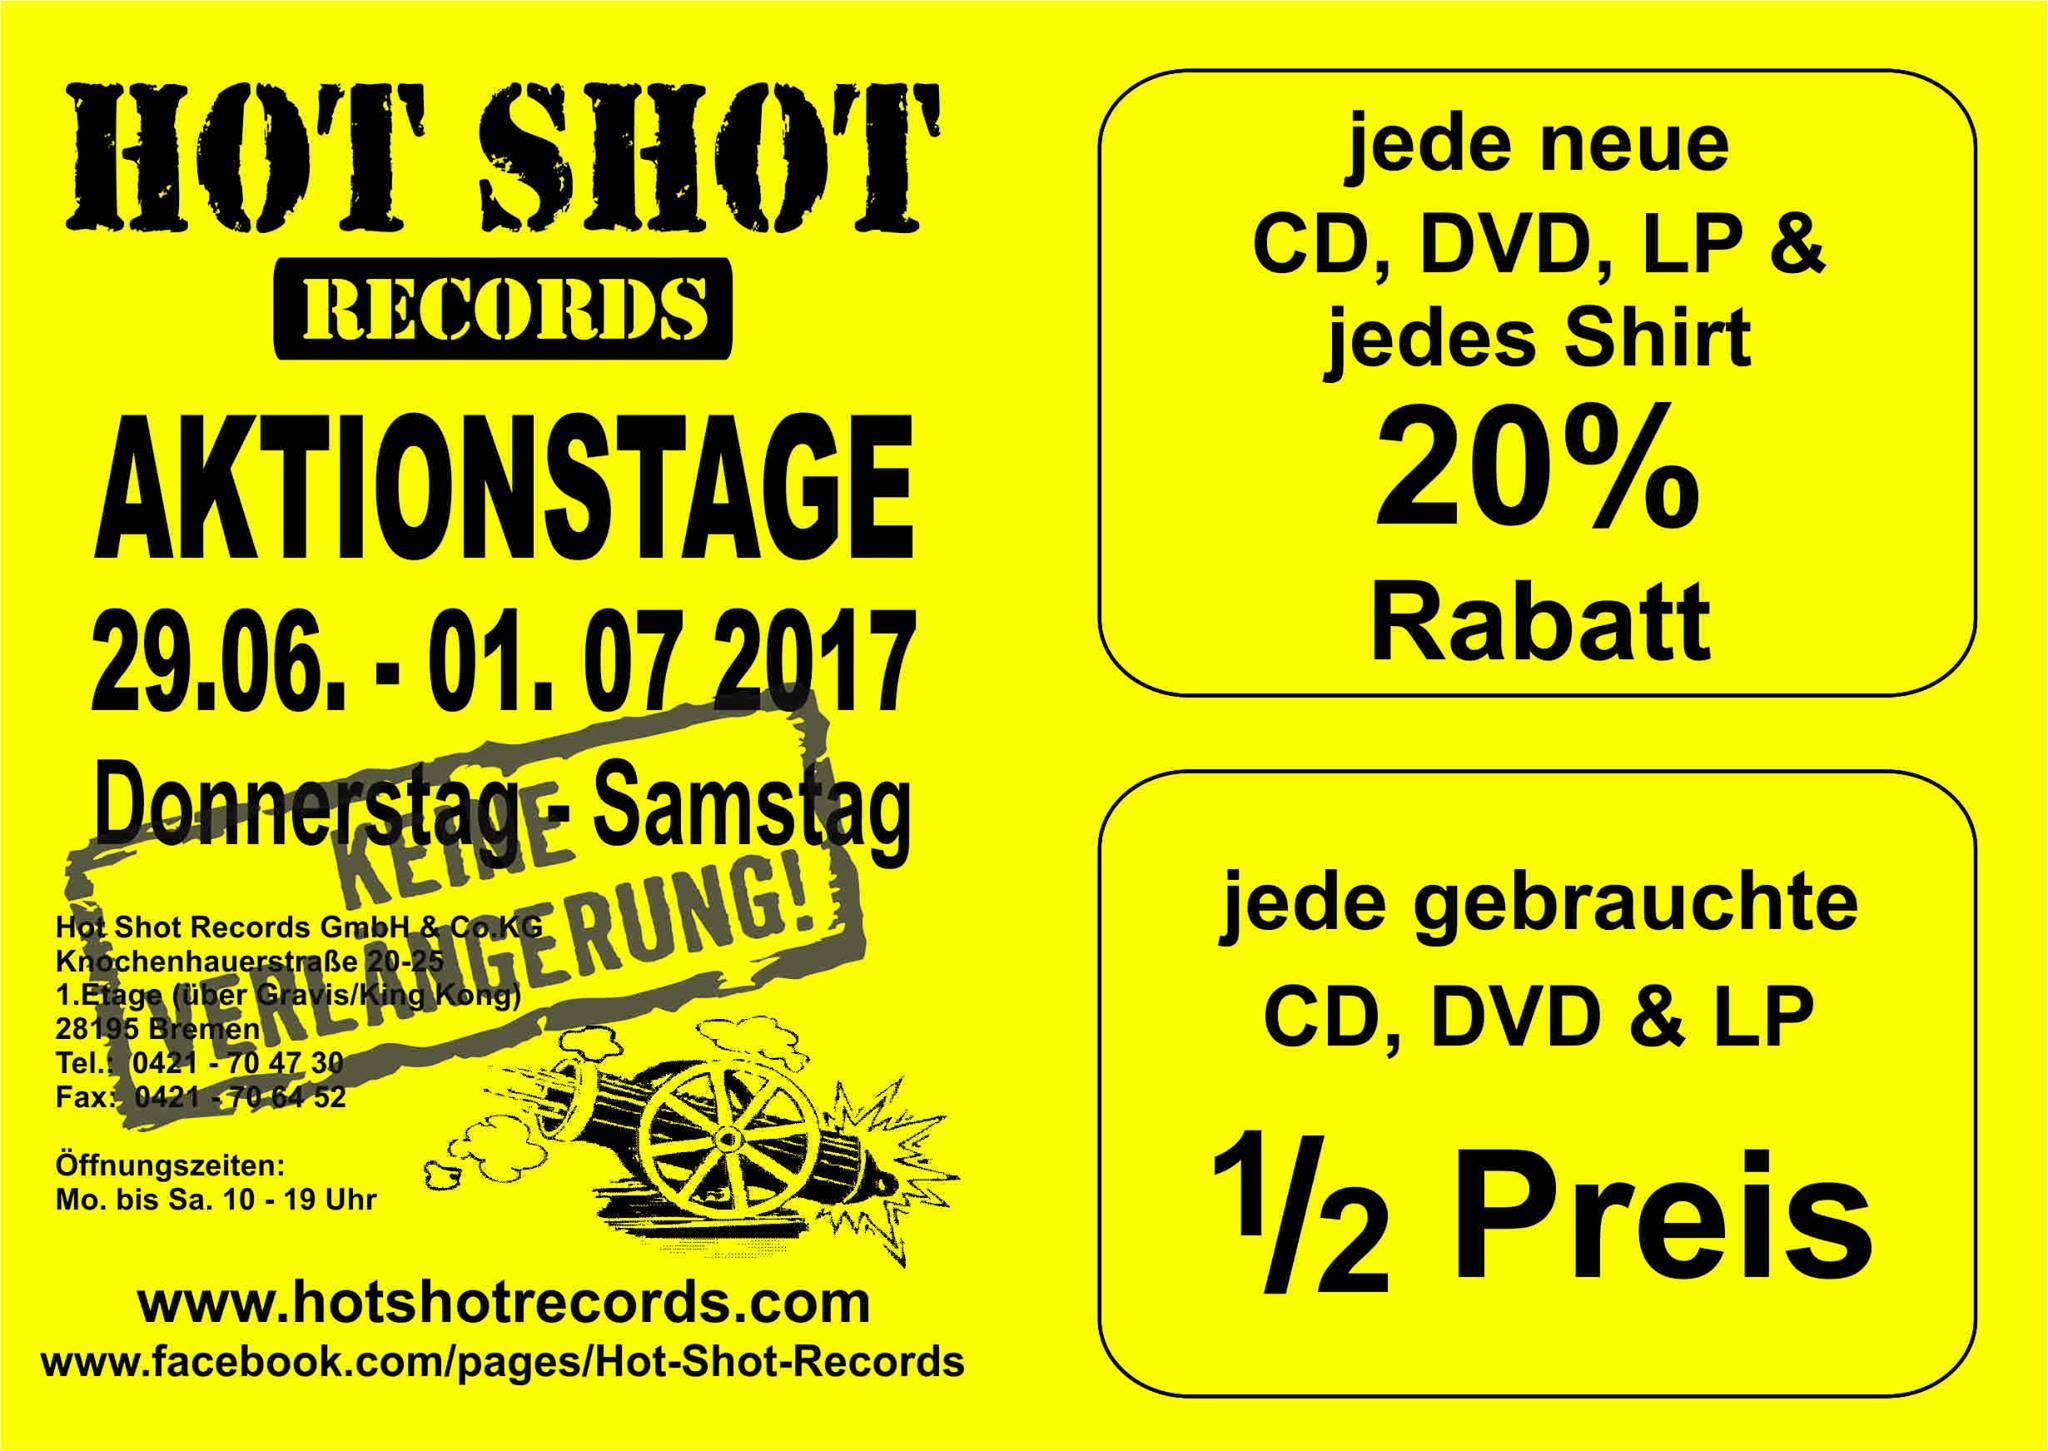 [LOKAL BREMEN] Hot Shot Records bis zu 50% Rabatt auf CD, DVD, LP und TShirts